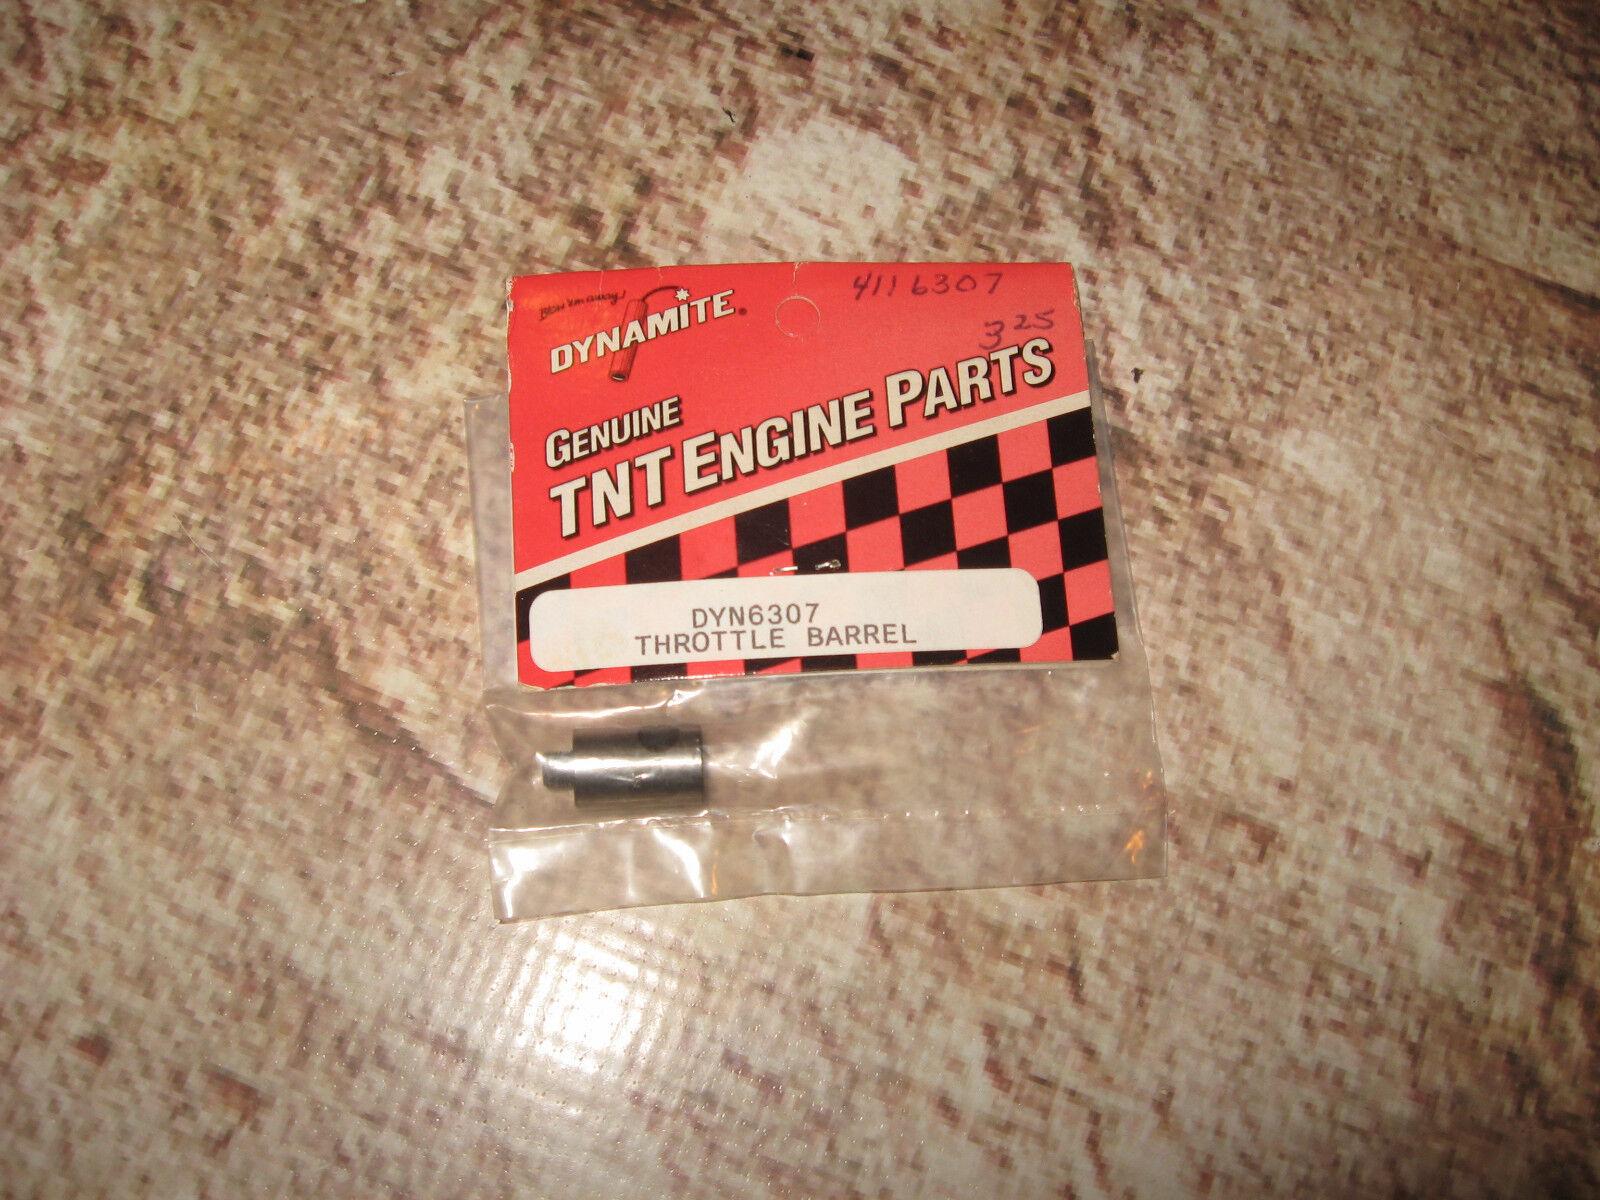 VIntage RC Dynamite Nitro Engine Spares (1) Thredtle Barrel DYN6307